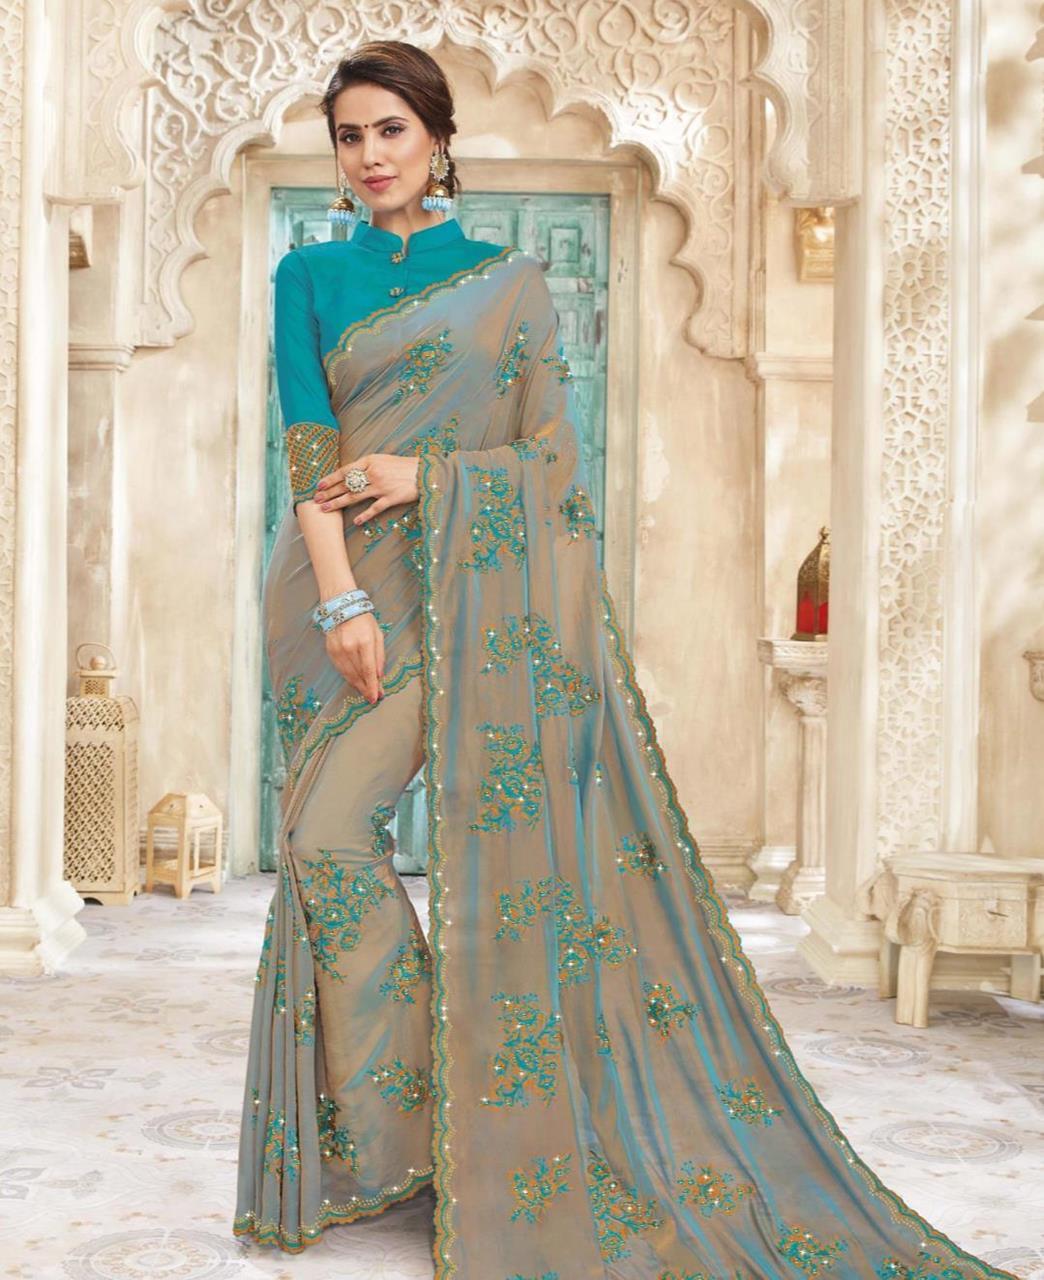 HandWorked Silk Saree in Two Tone Beige